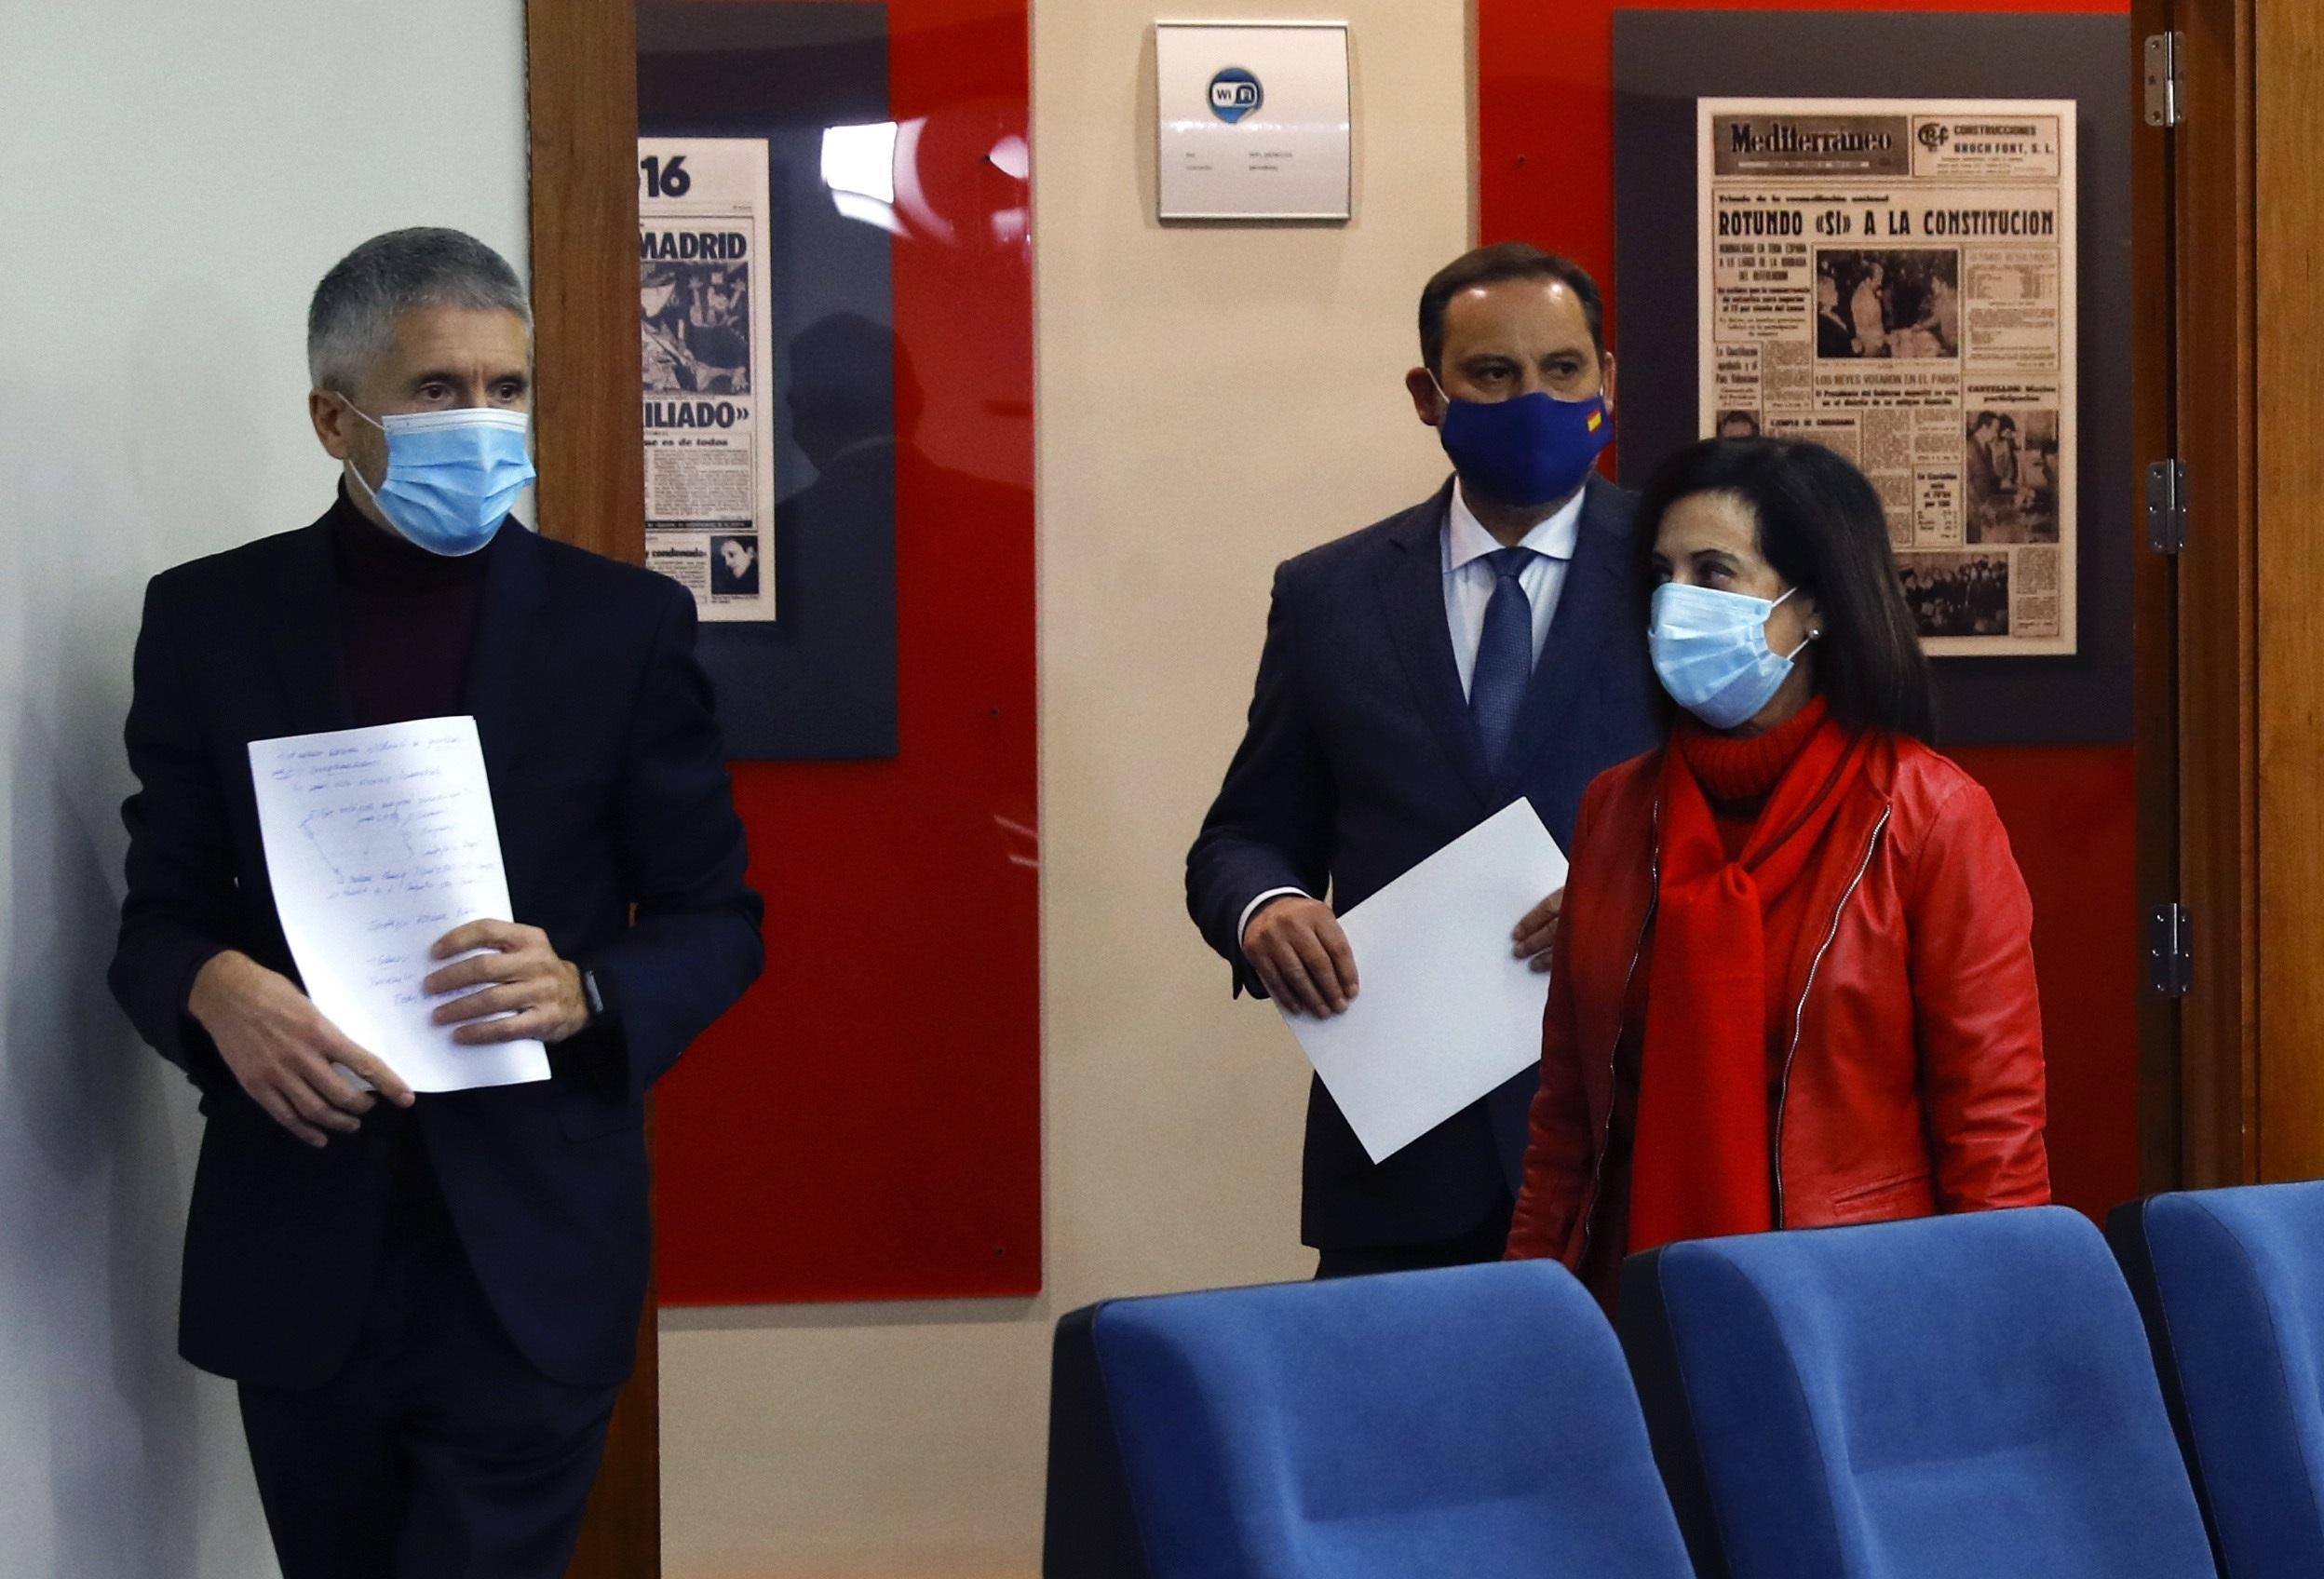 Los ministros Marlaska, Ábalos y Robles en rueda de prensa. EFE/Ballesteros POOL